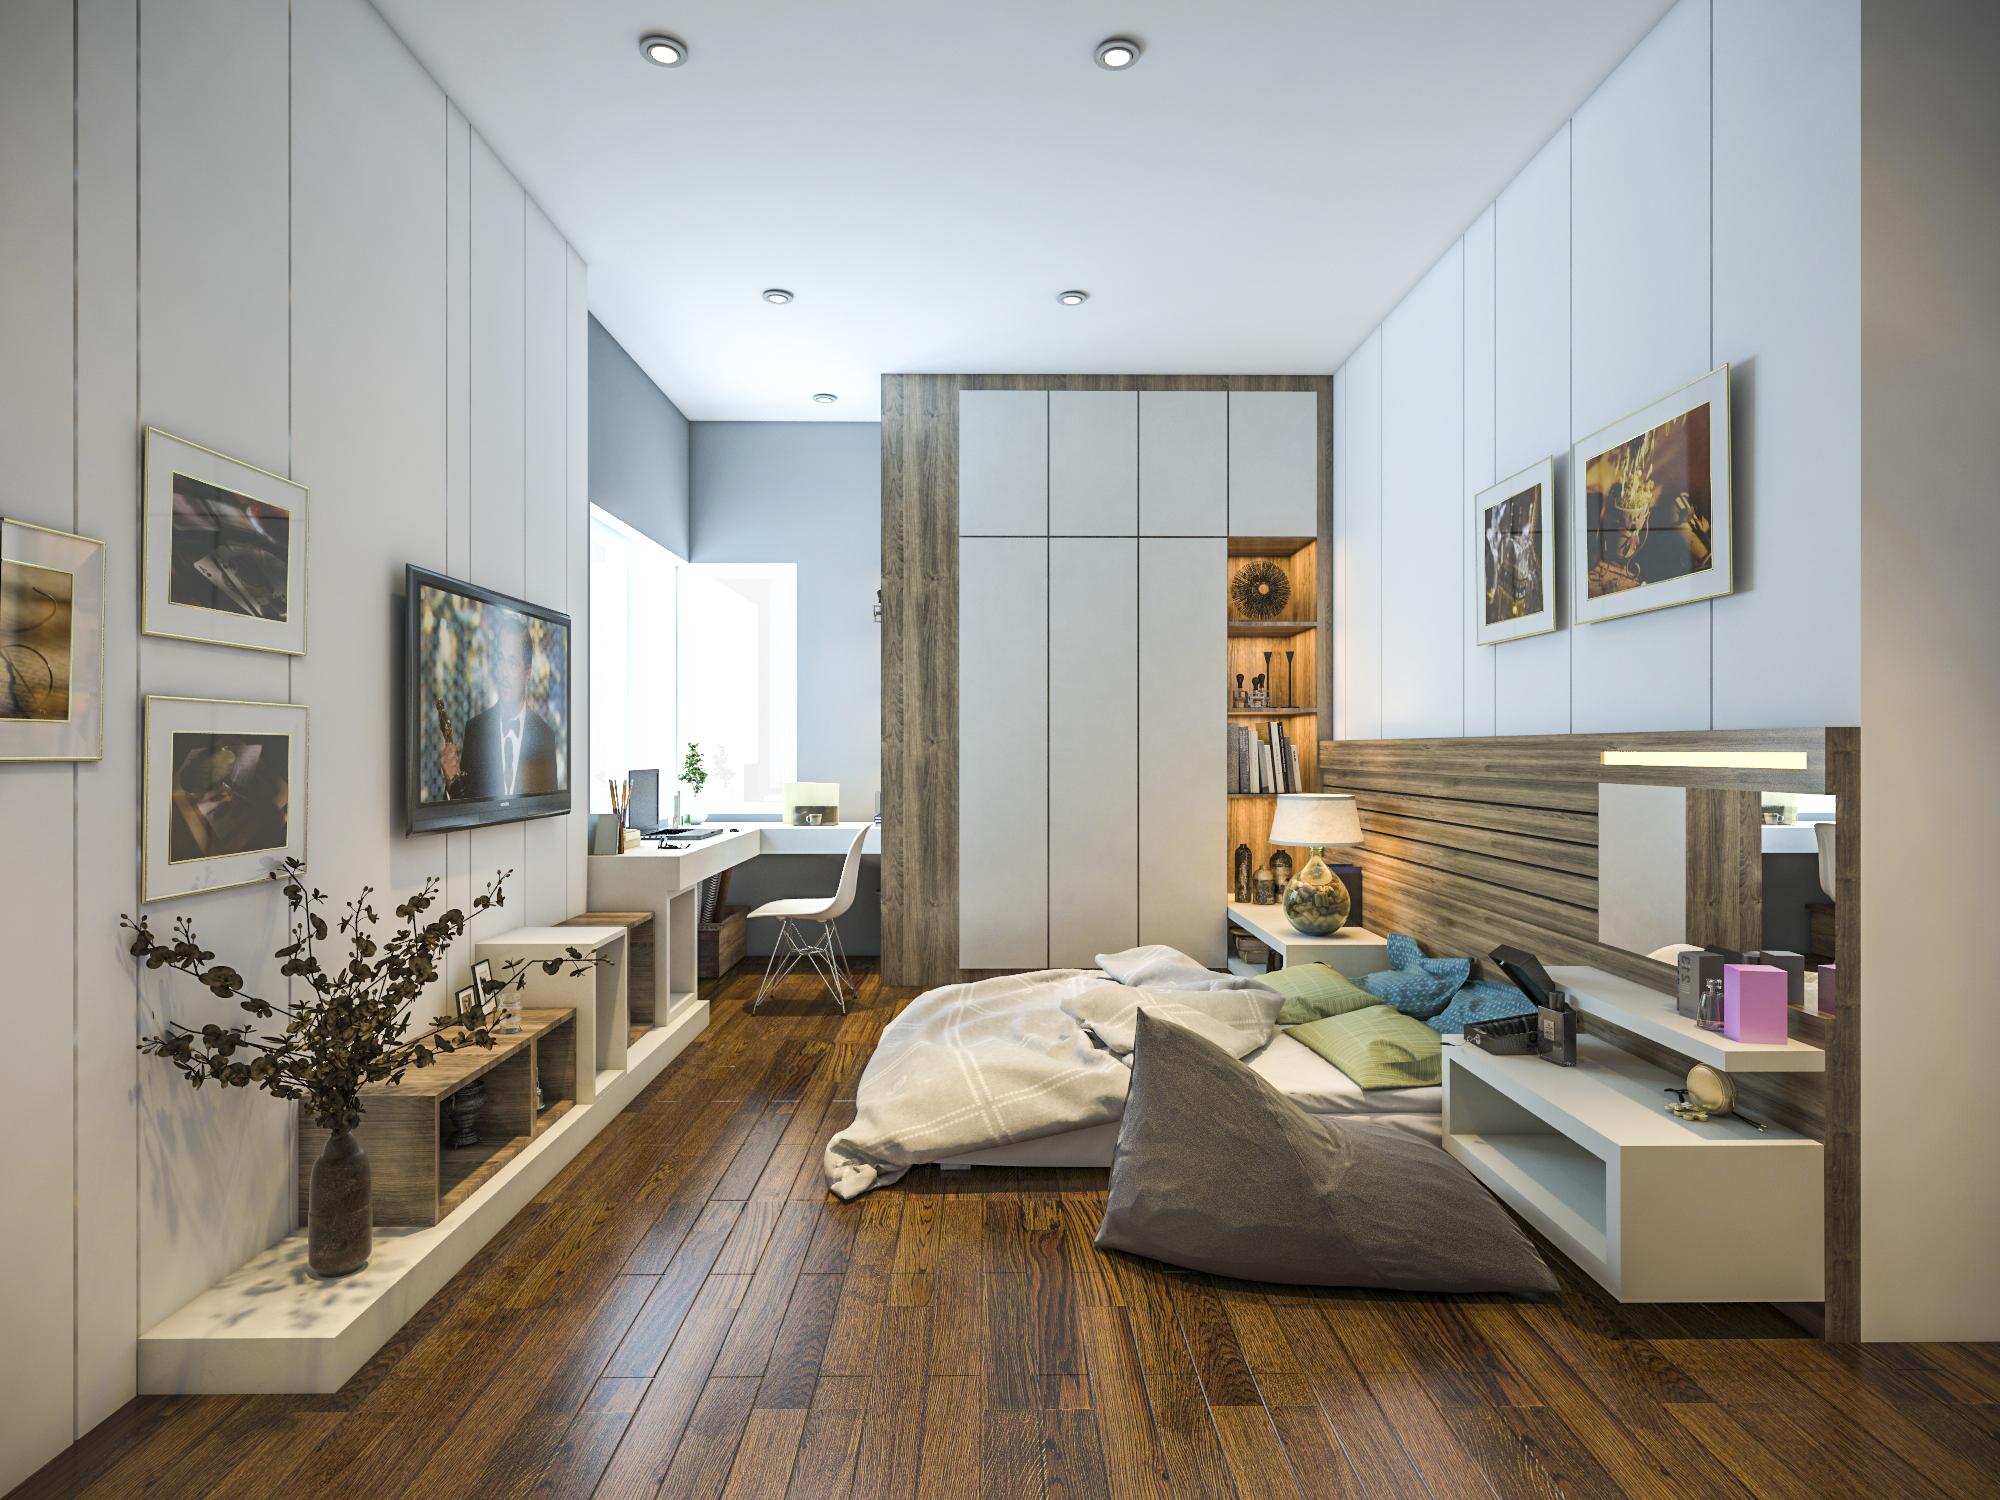 thiết kế nội thất chung cư tại Hồ Chí Minh Ms. Ly Apartment 13 1562574645